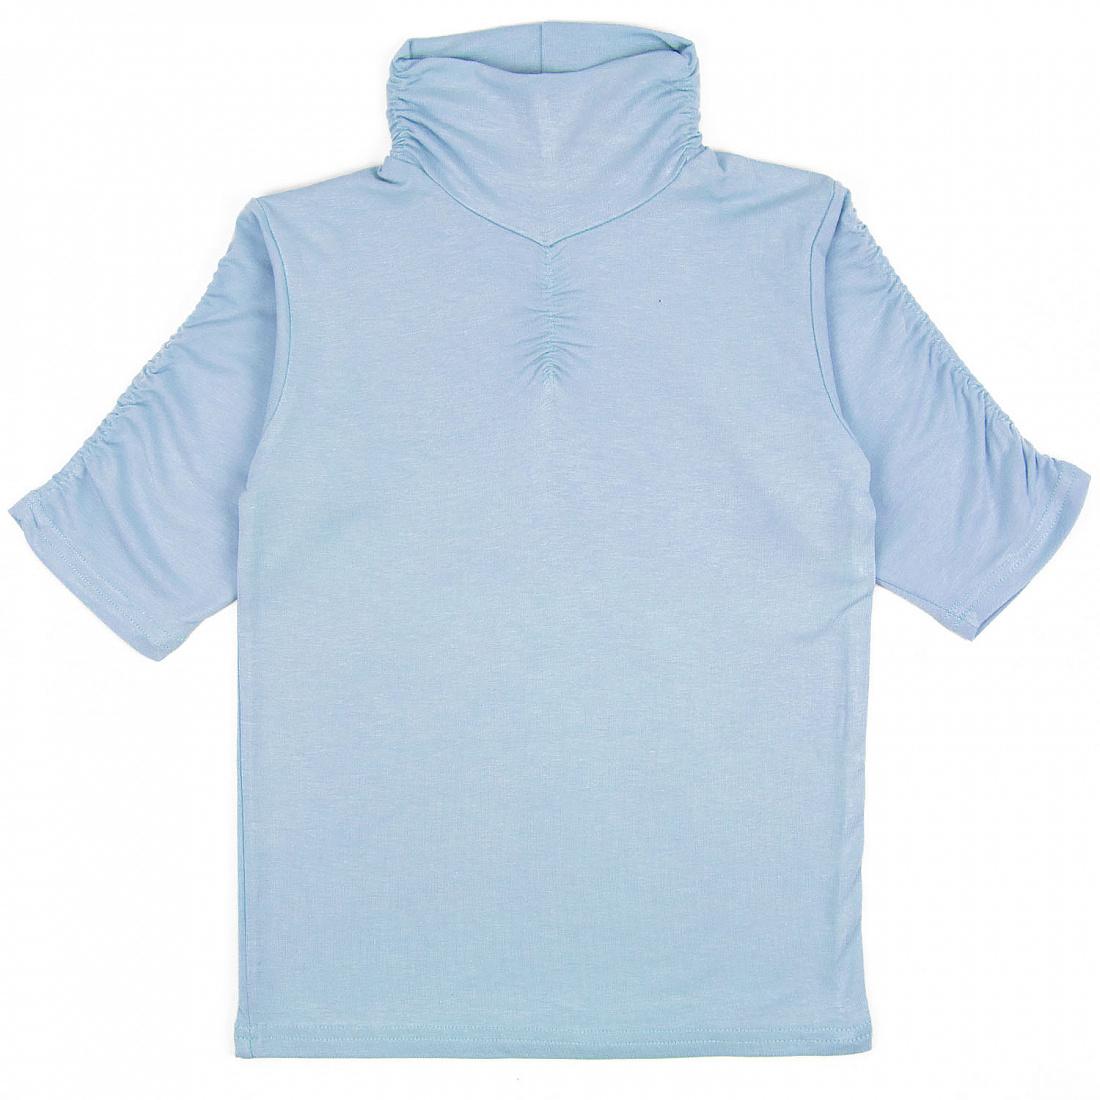 Купить 250ВС, Водолазка детская Юлла, цв. голубой р. 134, Водолазки для девочек